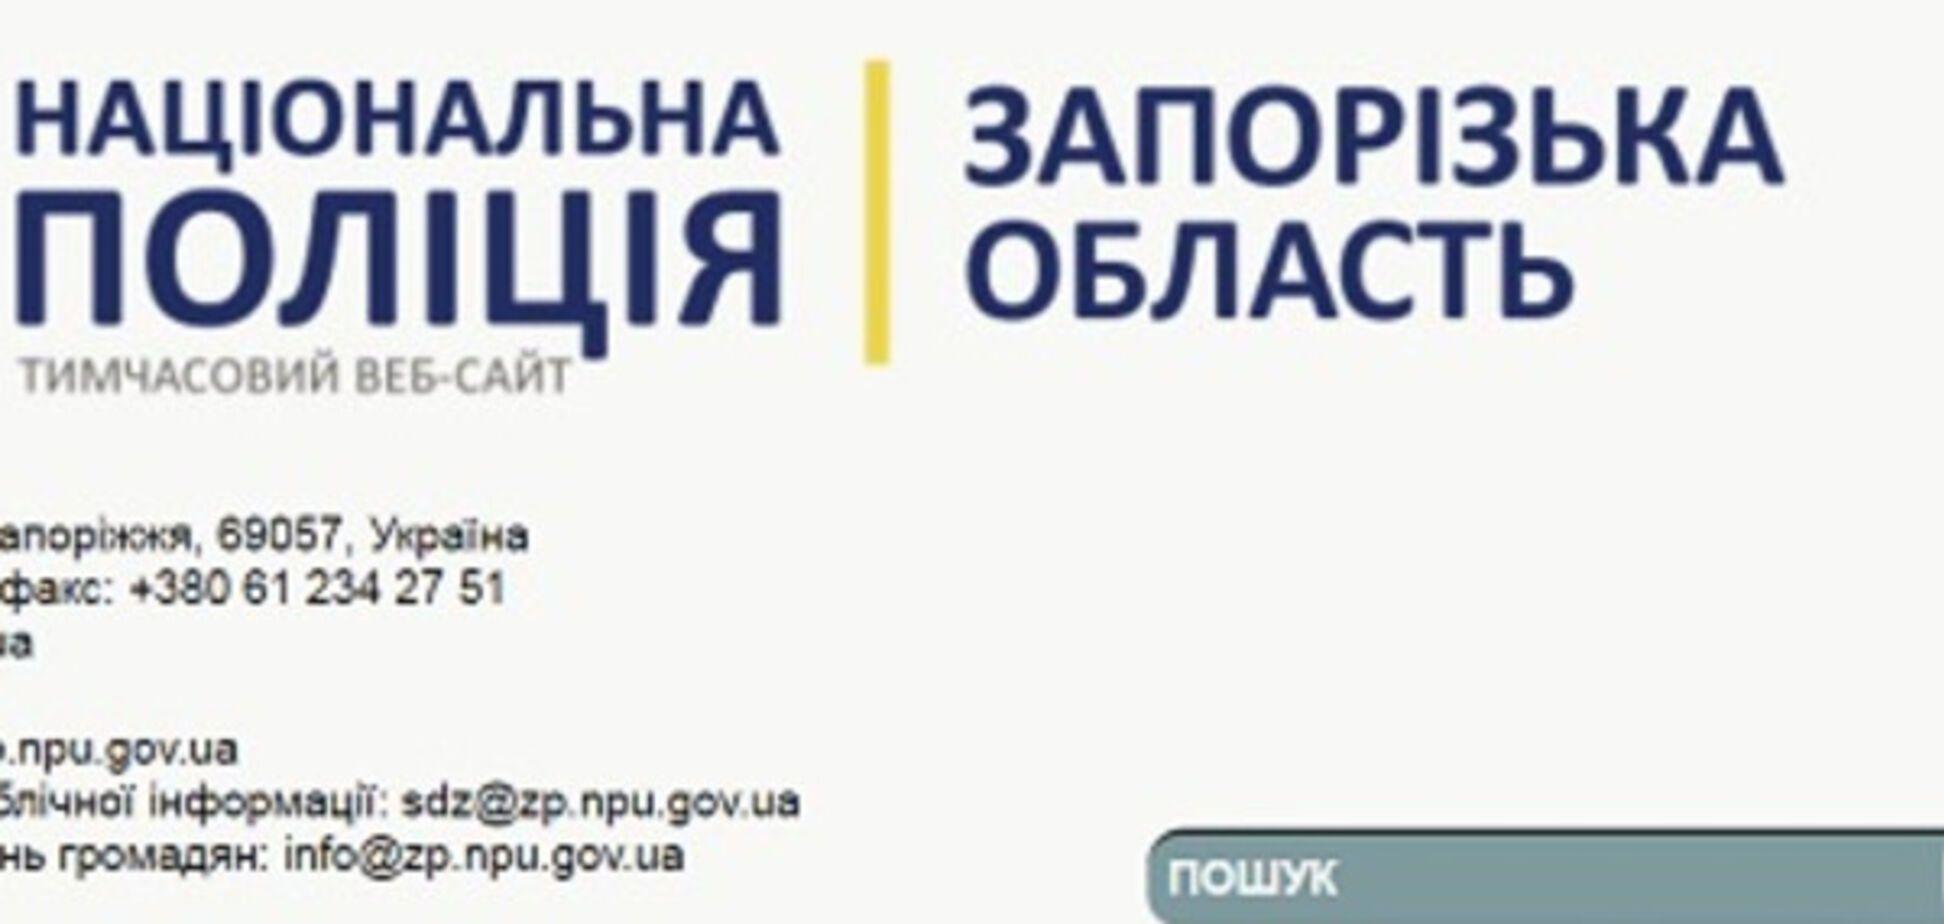 Только так: запорожская полиция хочет защитить свои авторские права